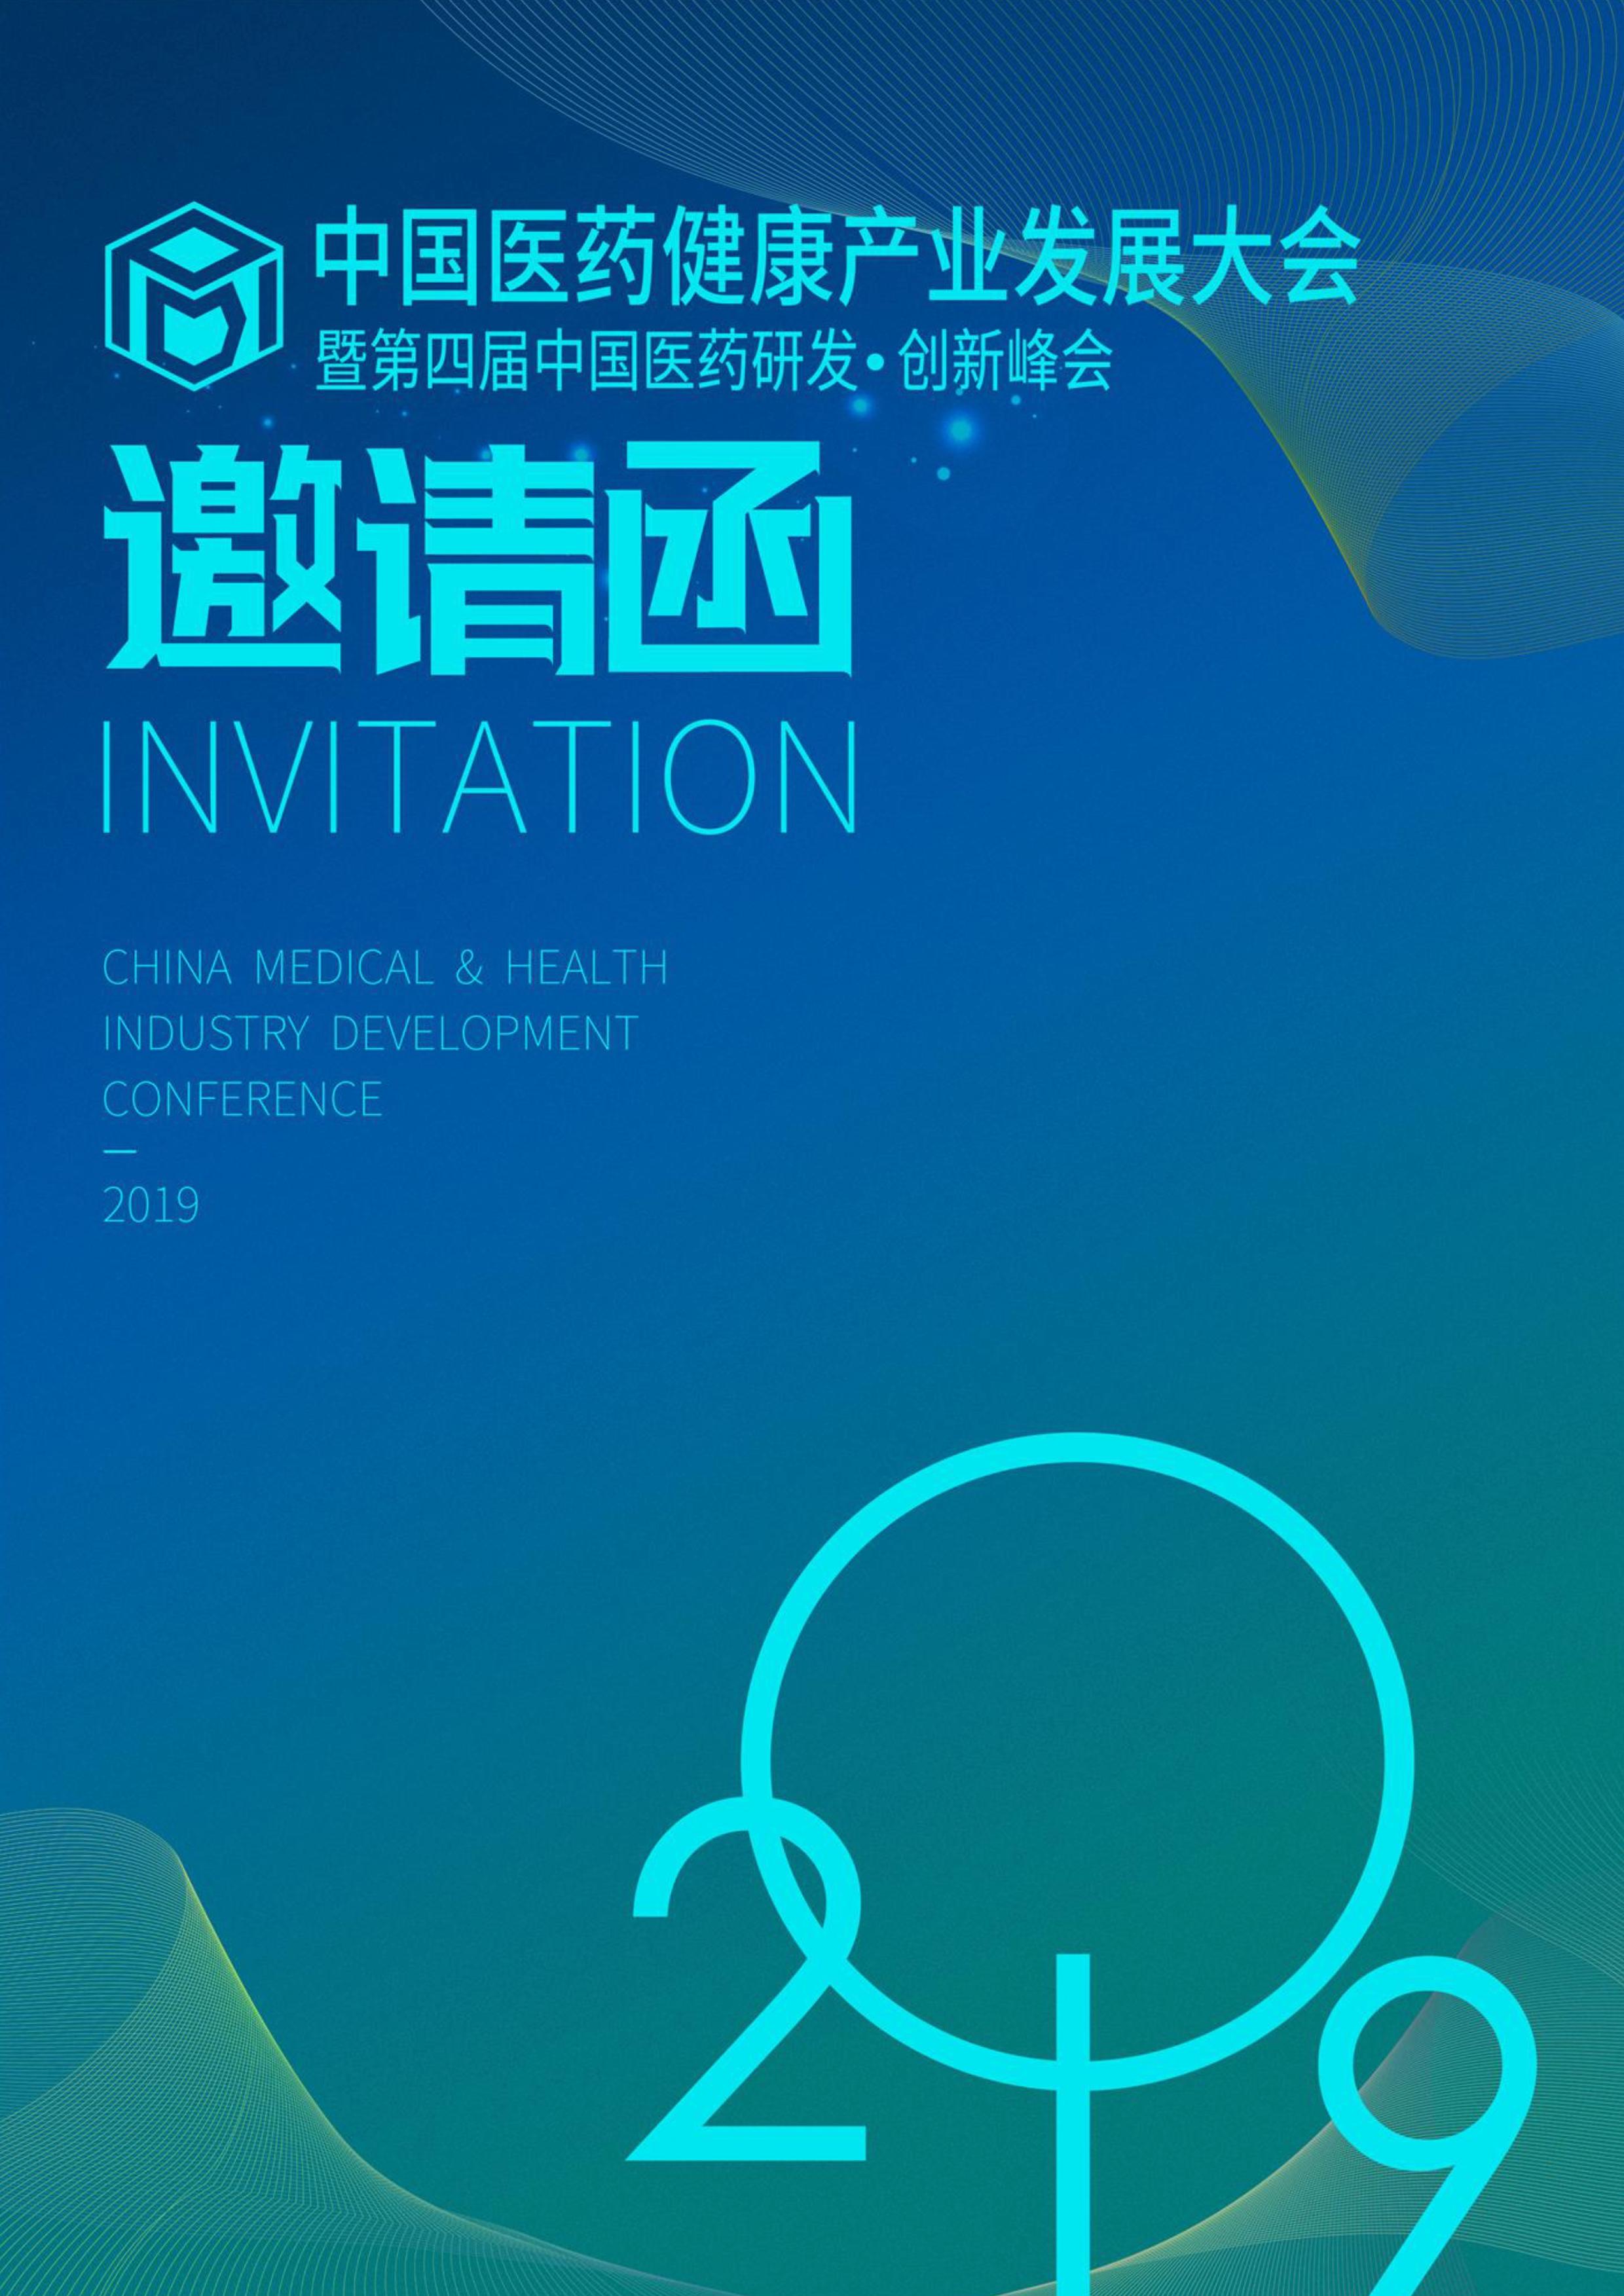 2019年第四届中国医药研发•创新峰会-邀请函0529(1)_1